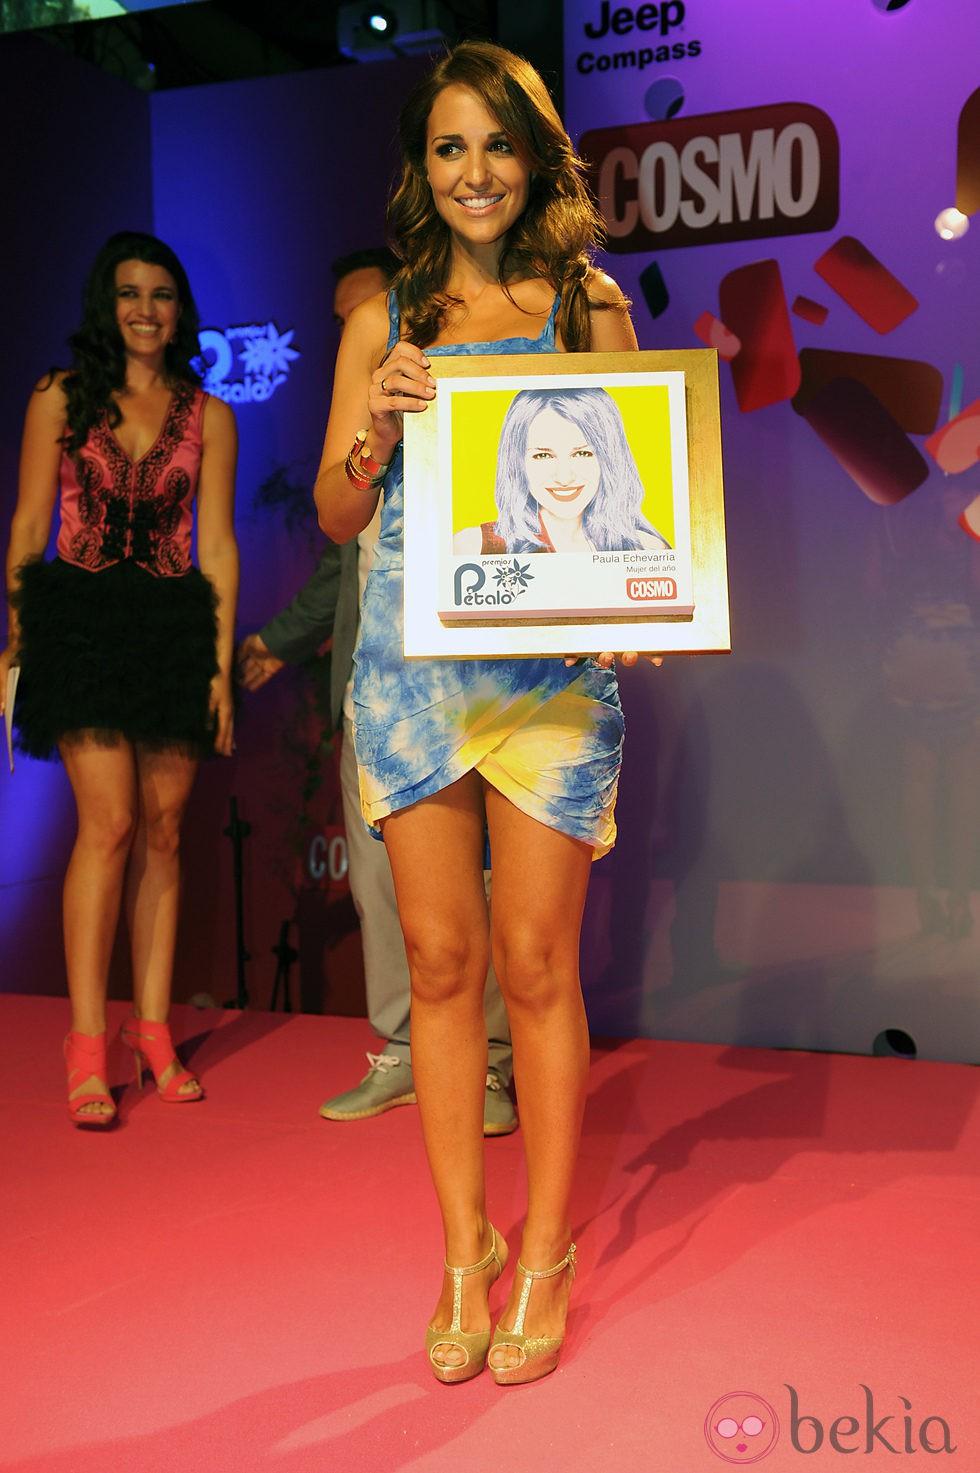 Paula Echevarría galardonada en los Premios Pétalo de Rosa de Cosmopolitan